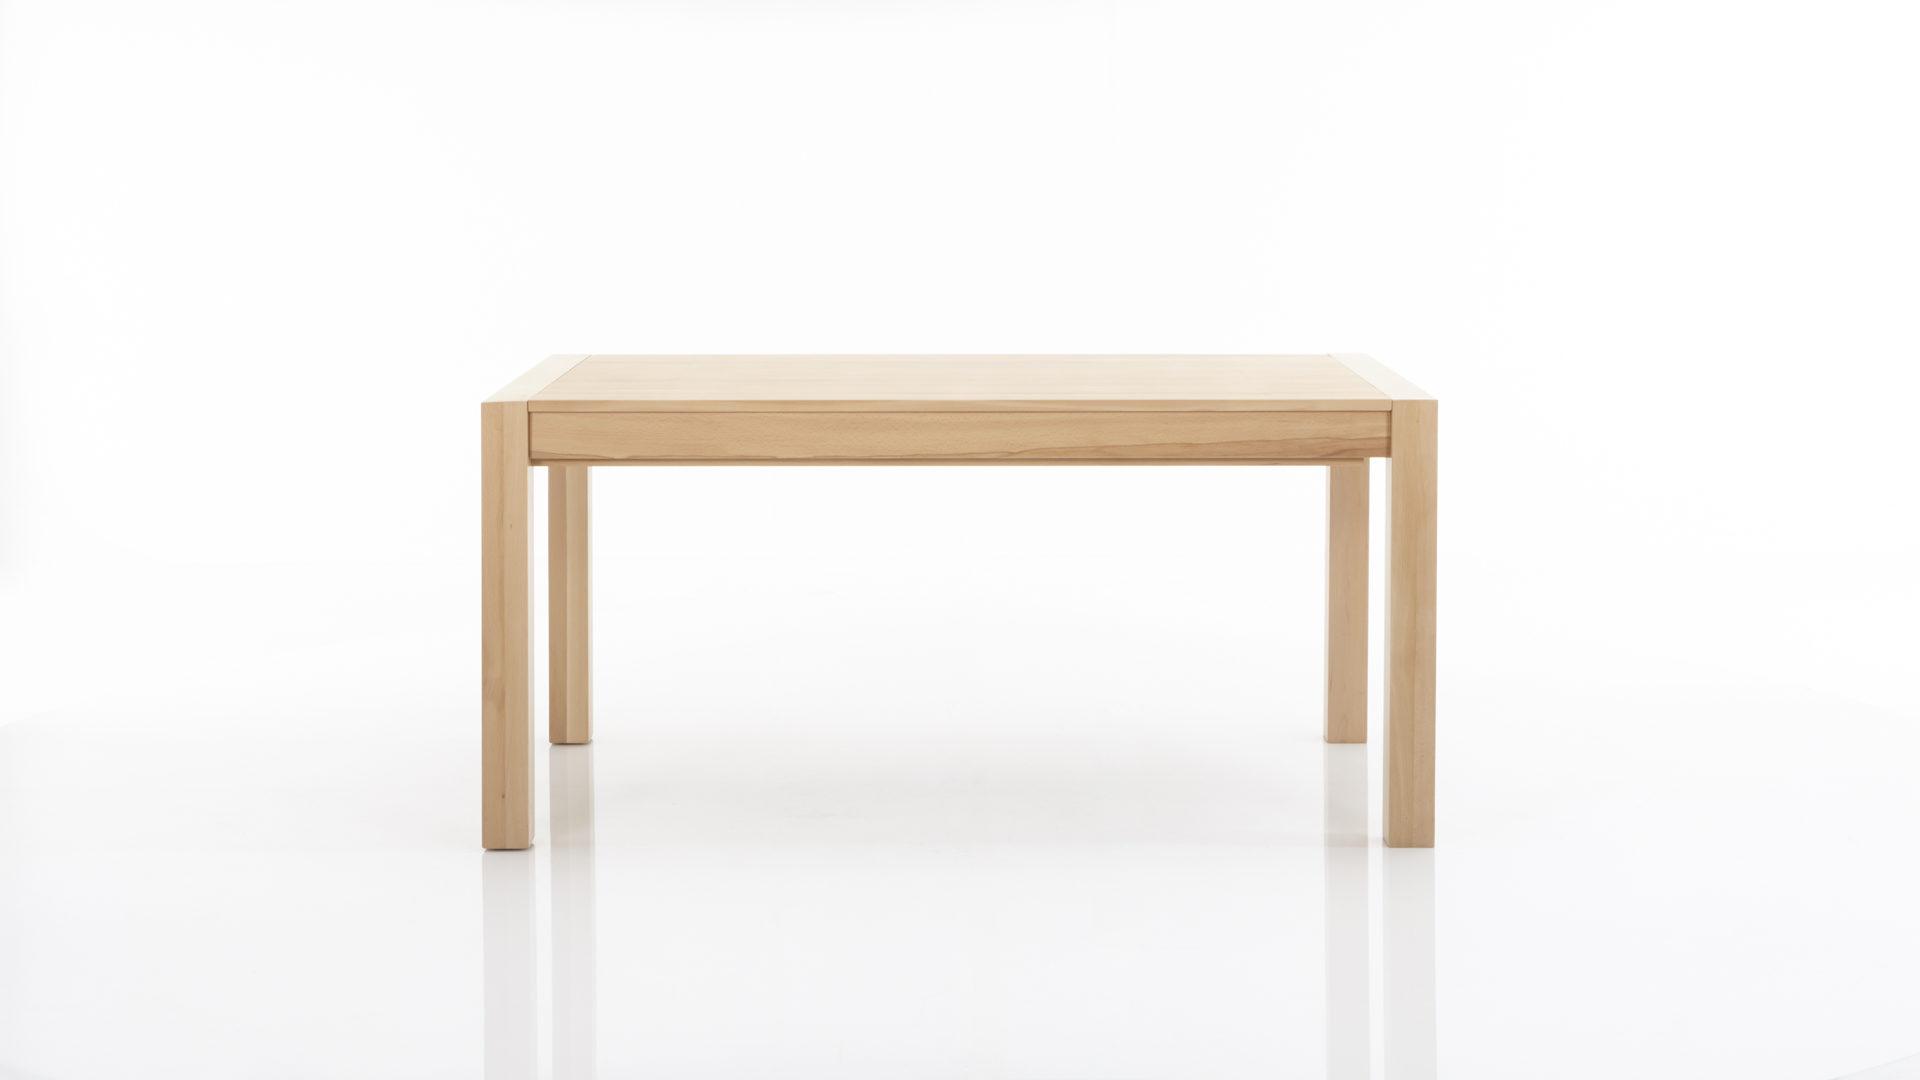 Auszugtisch Standard Furniture Factory Aus Holz In Holzfarben Esstisch Mit  Auszugfunktion Bzw. Ausziehtisch Geöltes Eichenholz